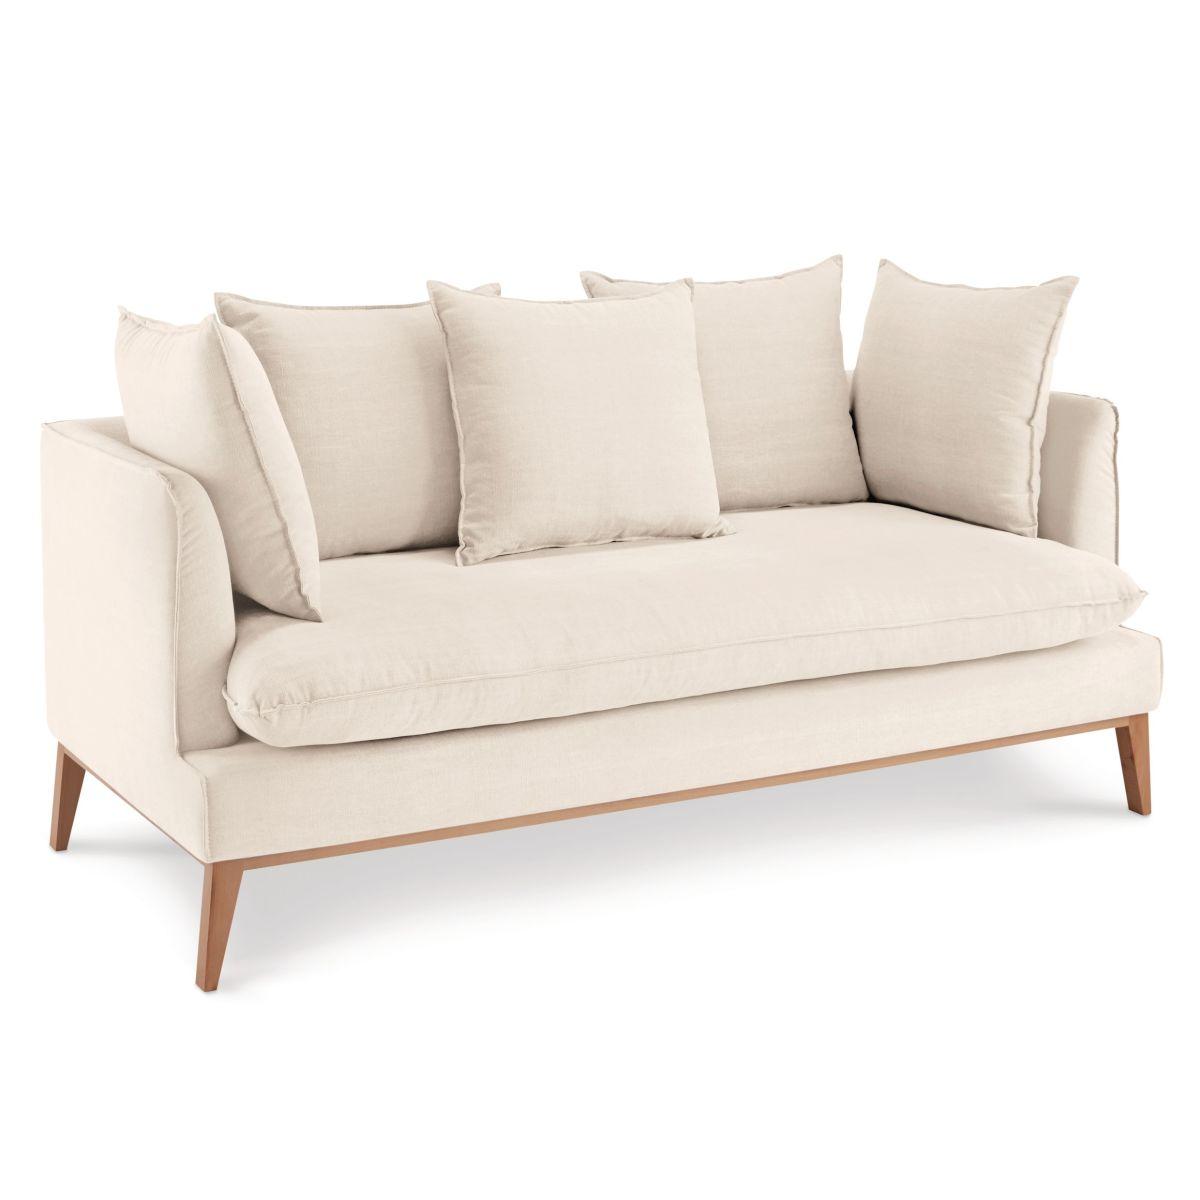 sofa puro aus baumwolle leinen. Black Bedroom Furniture Sets. Home Design Ideas